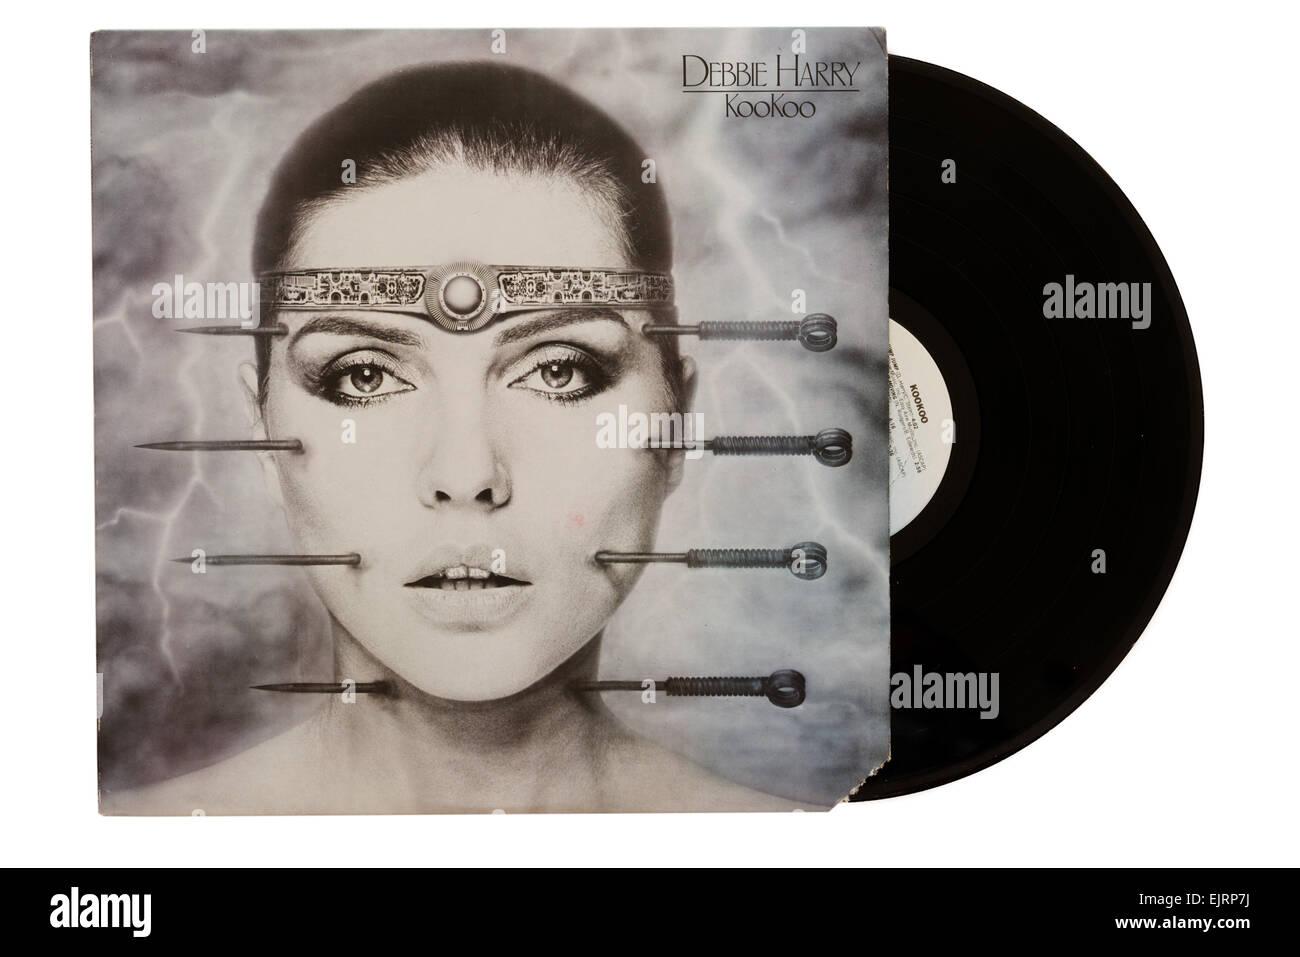 Debbie Harry Kookoo album - Stock Image